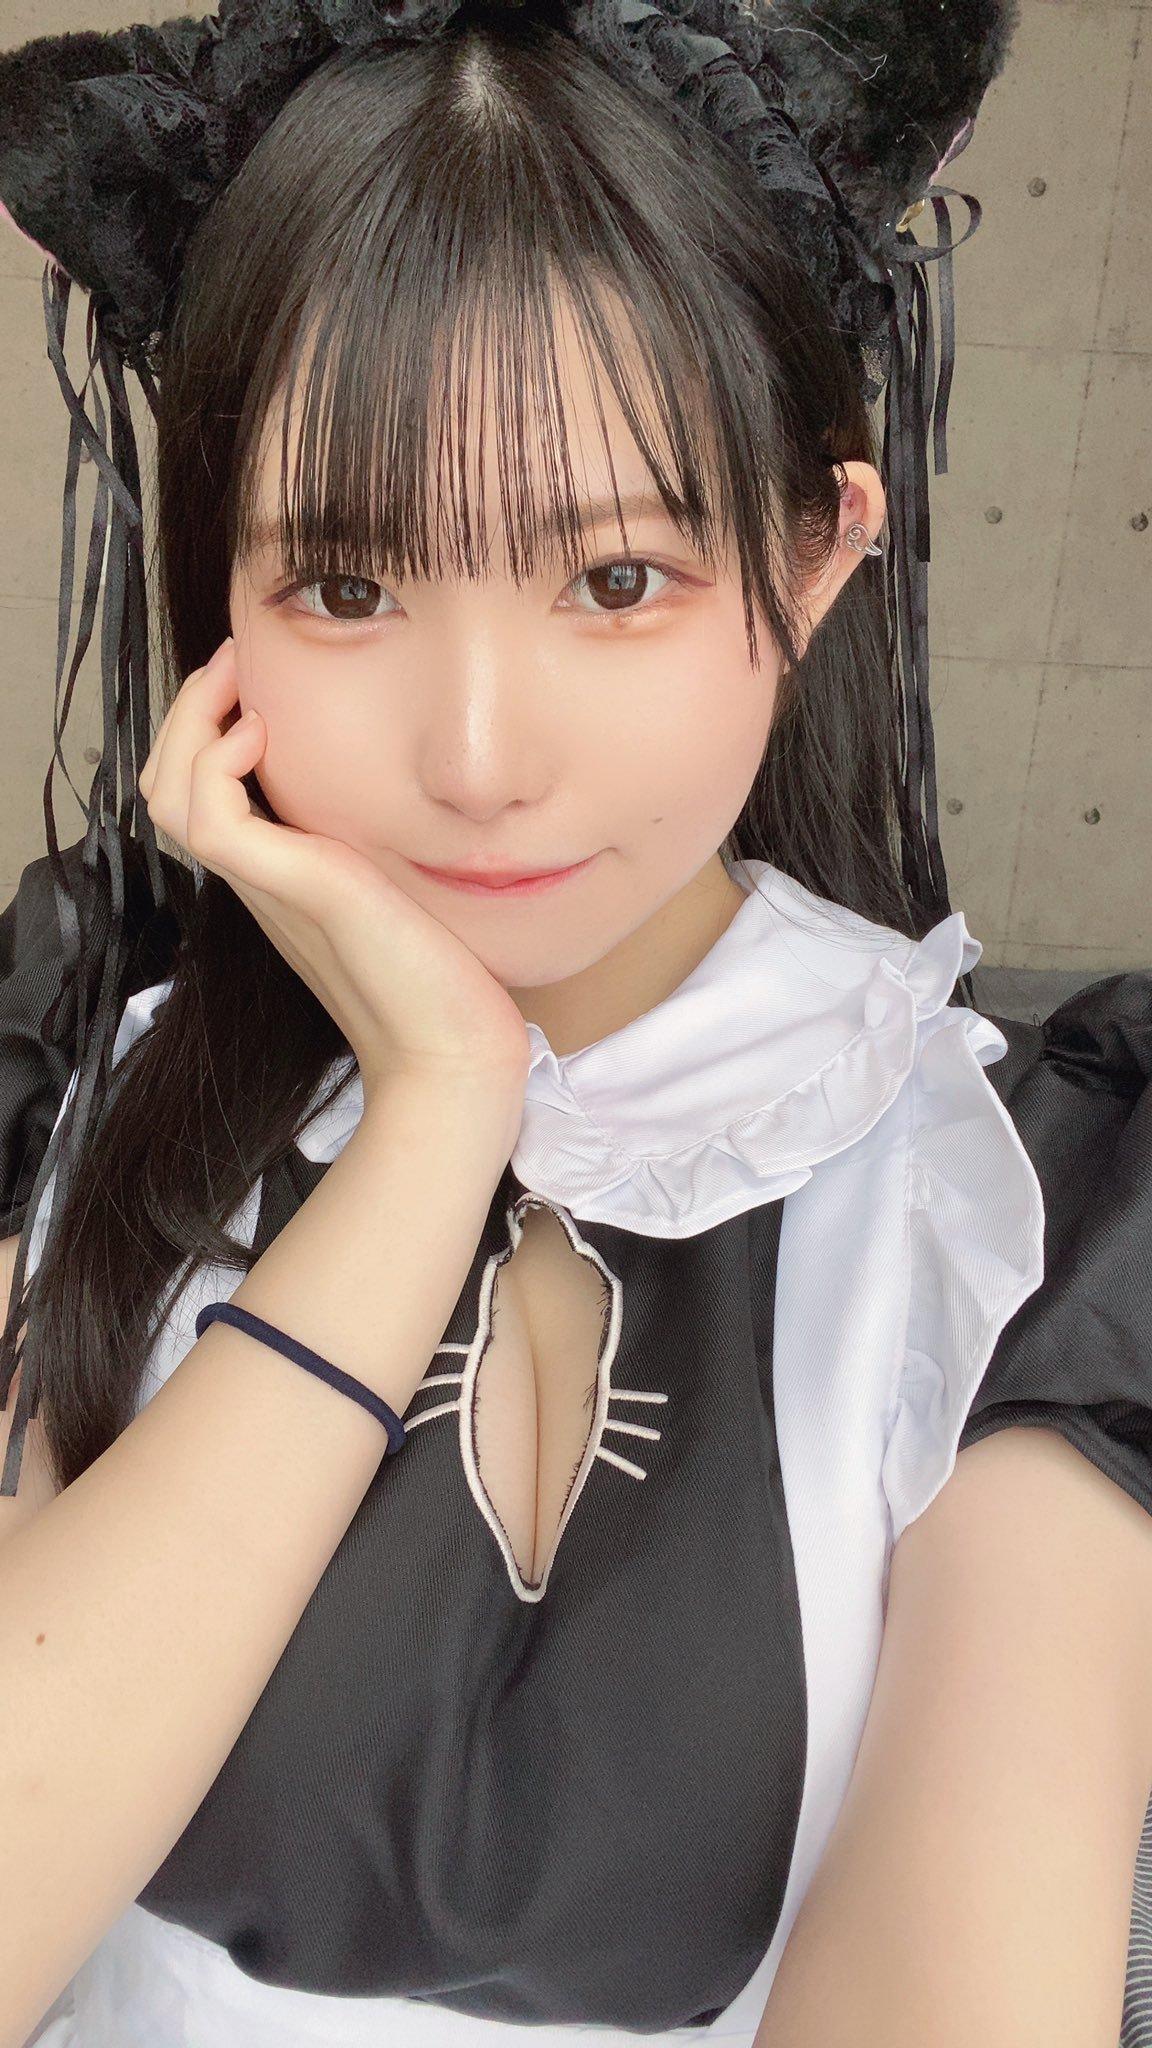 猫耳女仆甜到心坎 海边JK夏日感觉-COS精选二百六十弹 动漫漫画 第63张